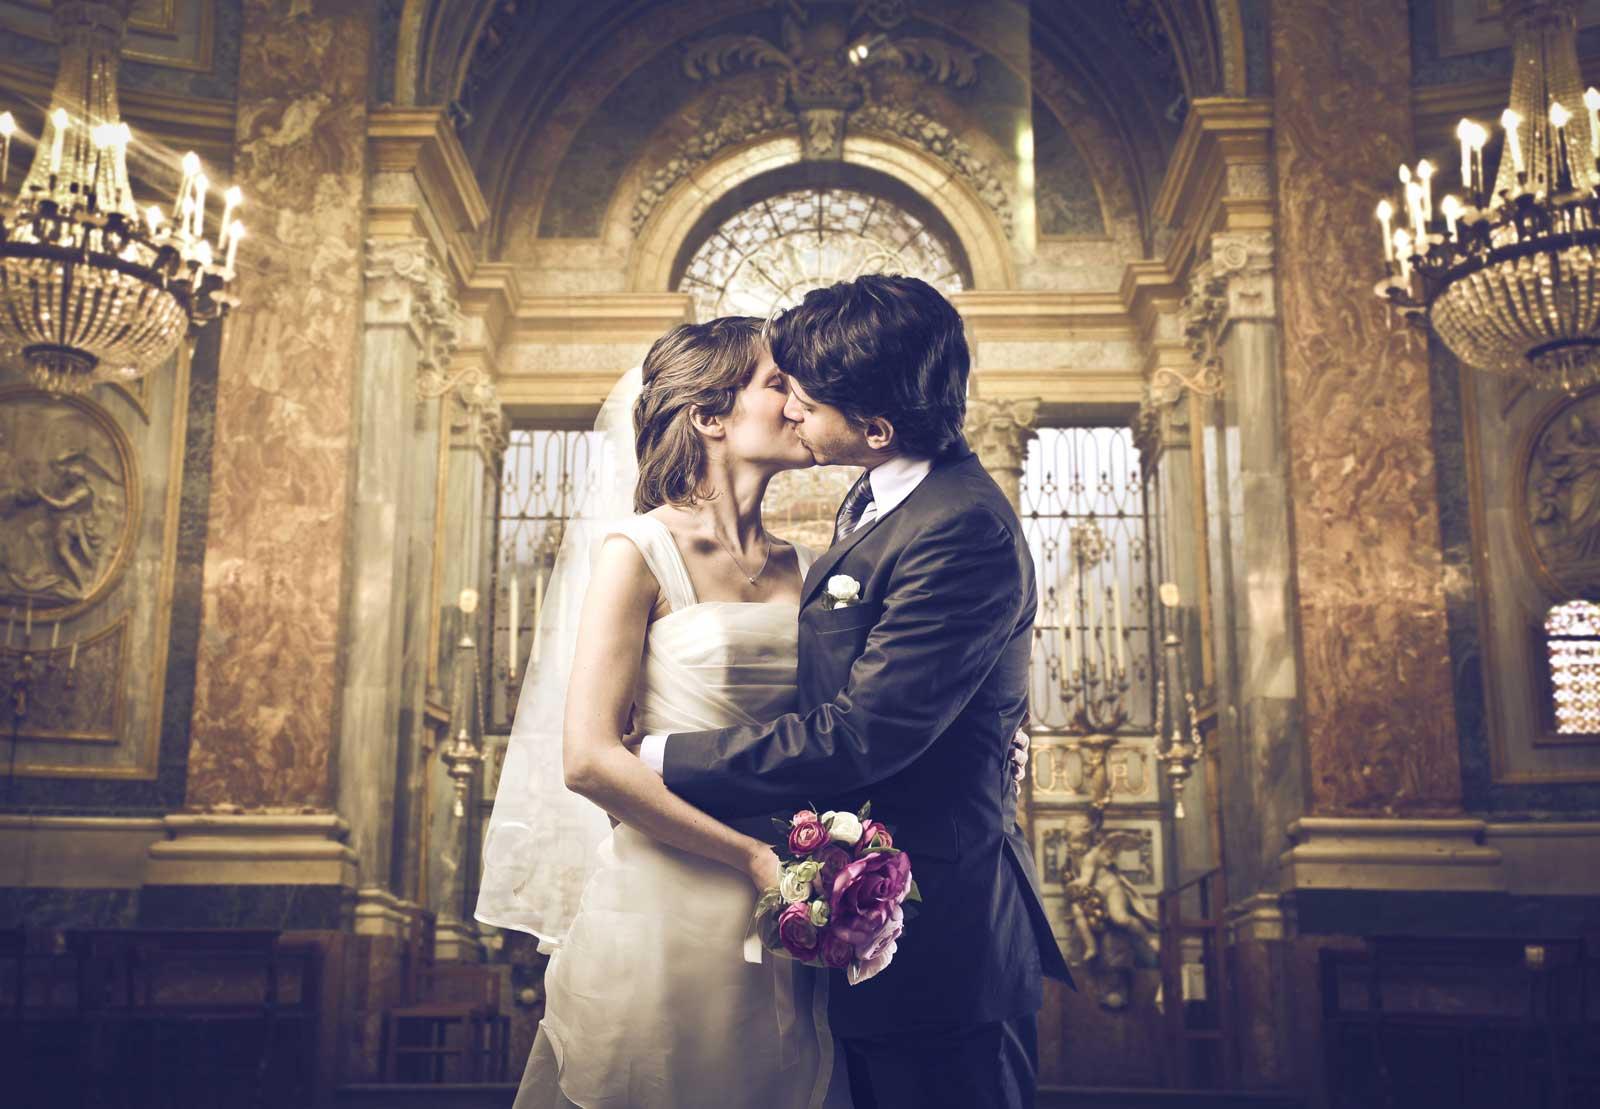 weddings_in_croatia_wedding_design_luxury_decoraton_wedding_planner_antropoti_luxury_weddings9-14